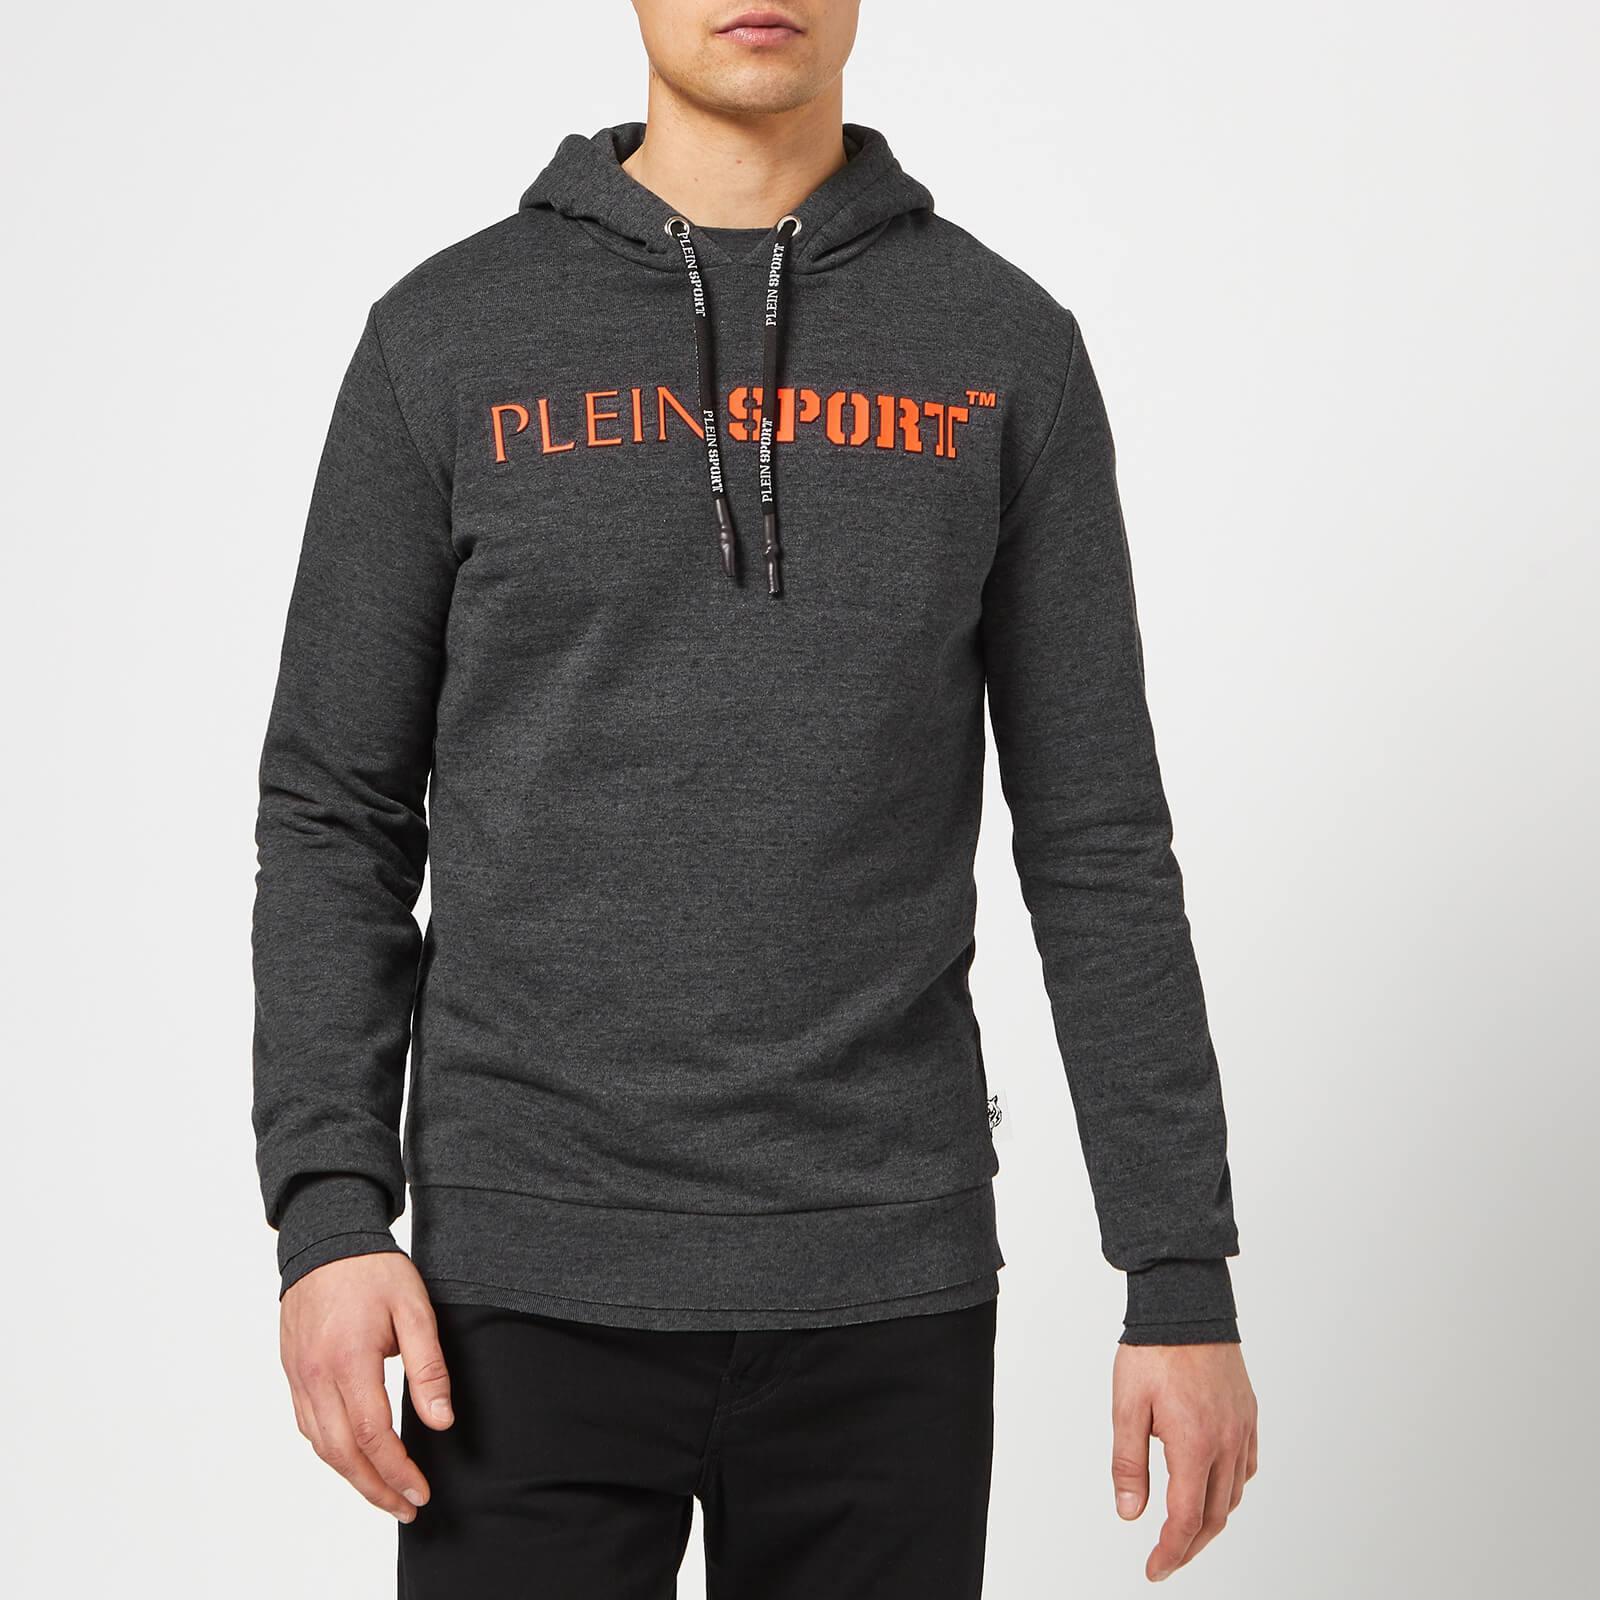 Plein Sport Men's Hoodie Sweatshirt Statement - Dark Grey - S - Grey